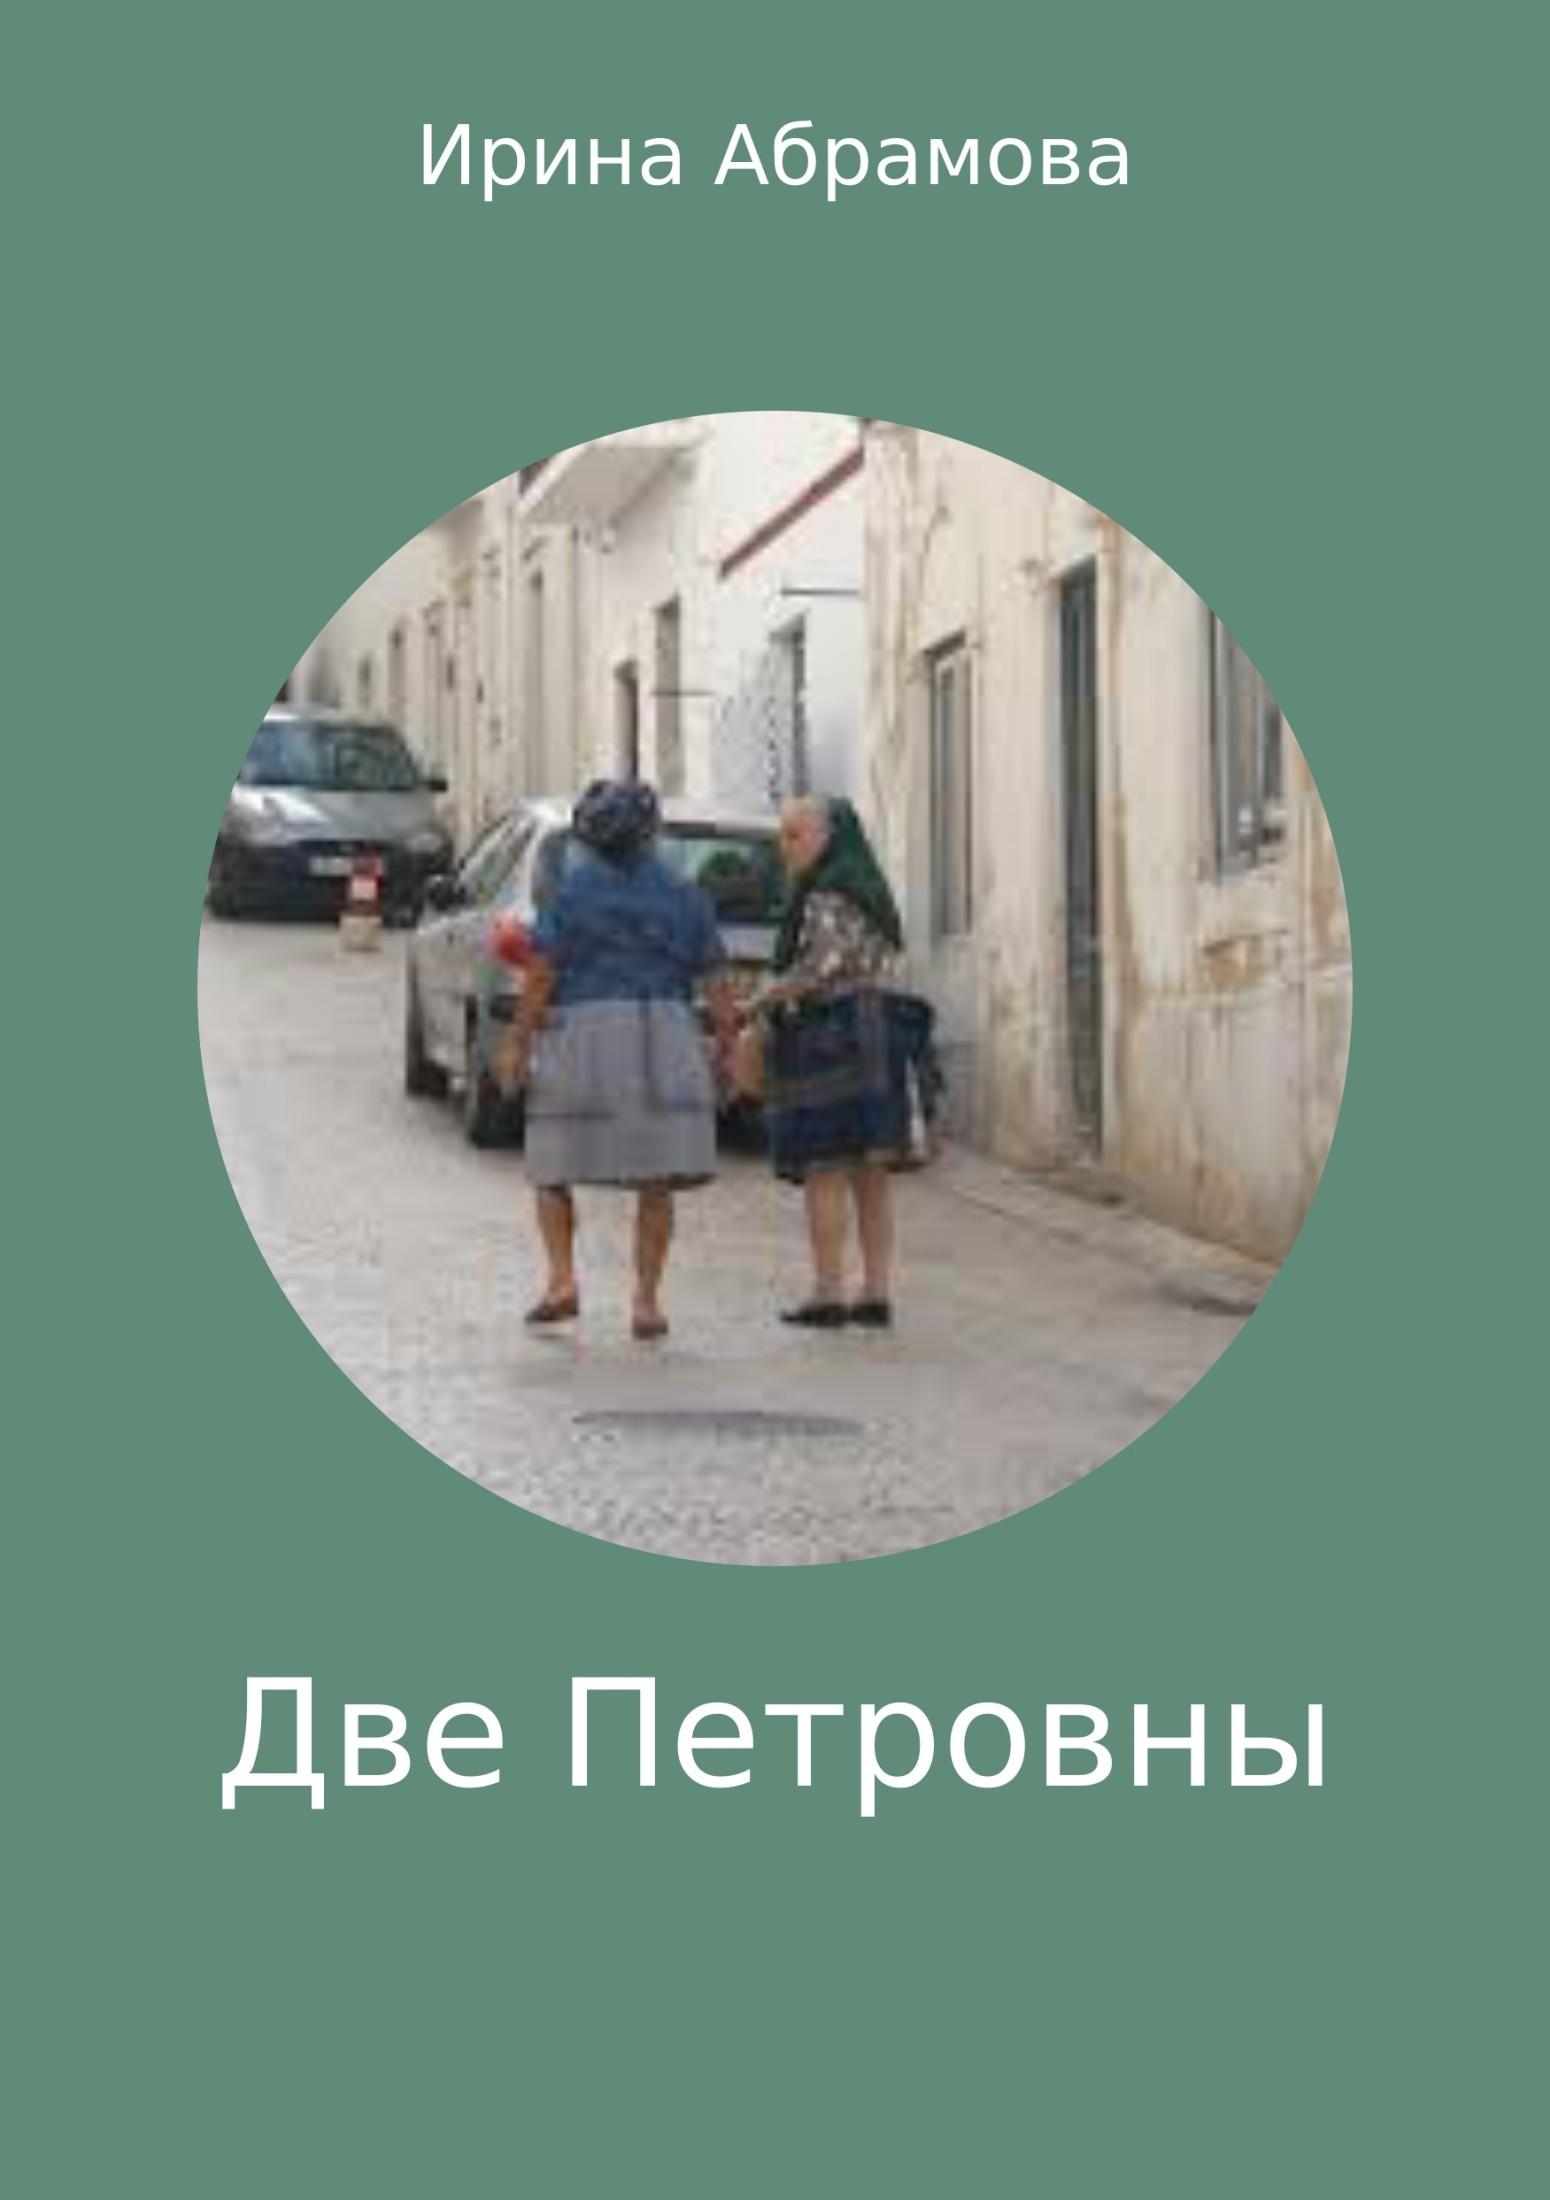 Ирина Михайловна Абрамова бесплатно